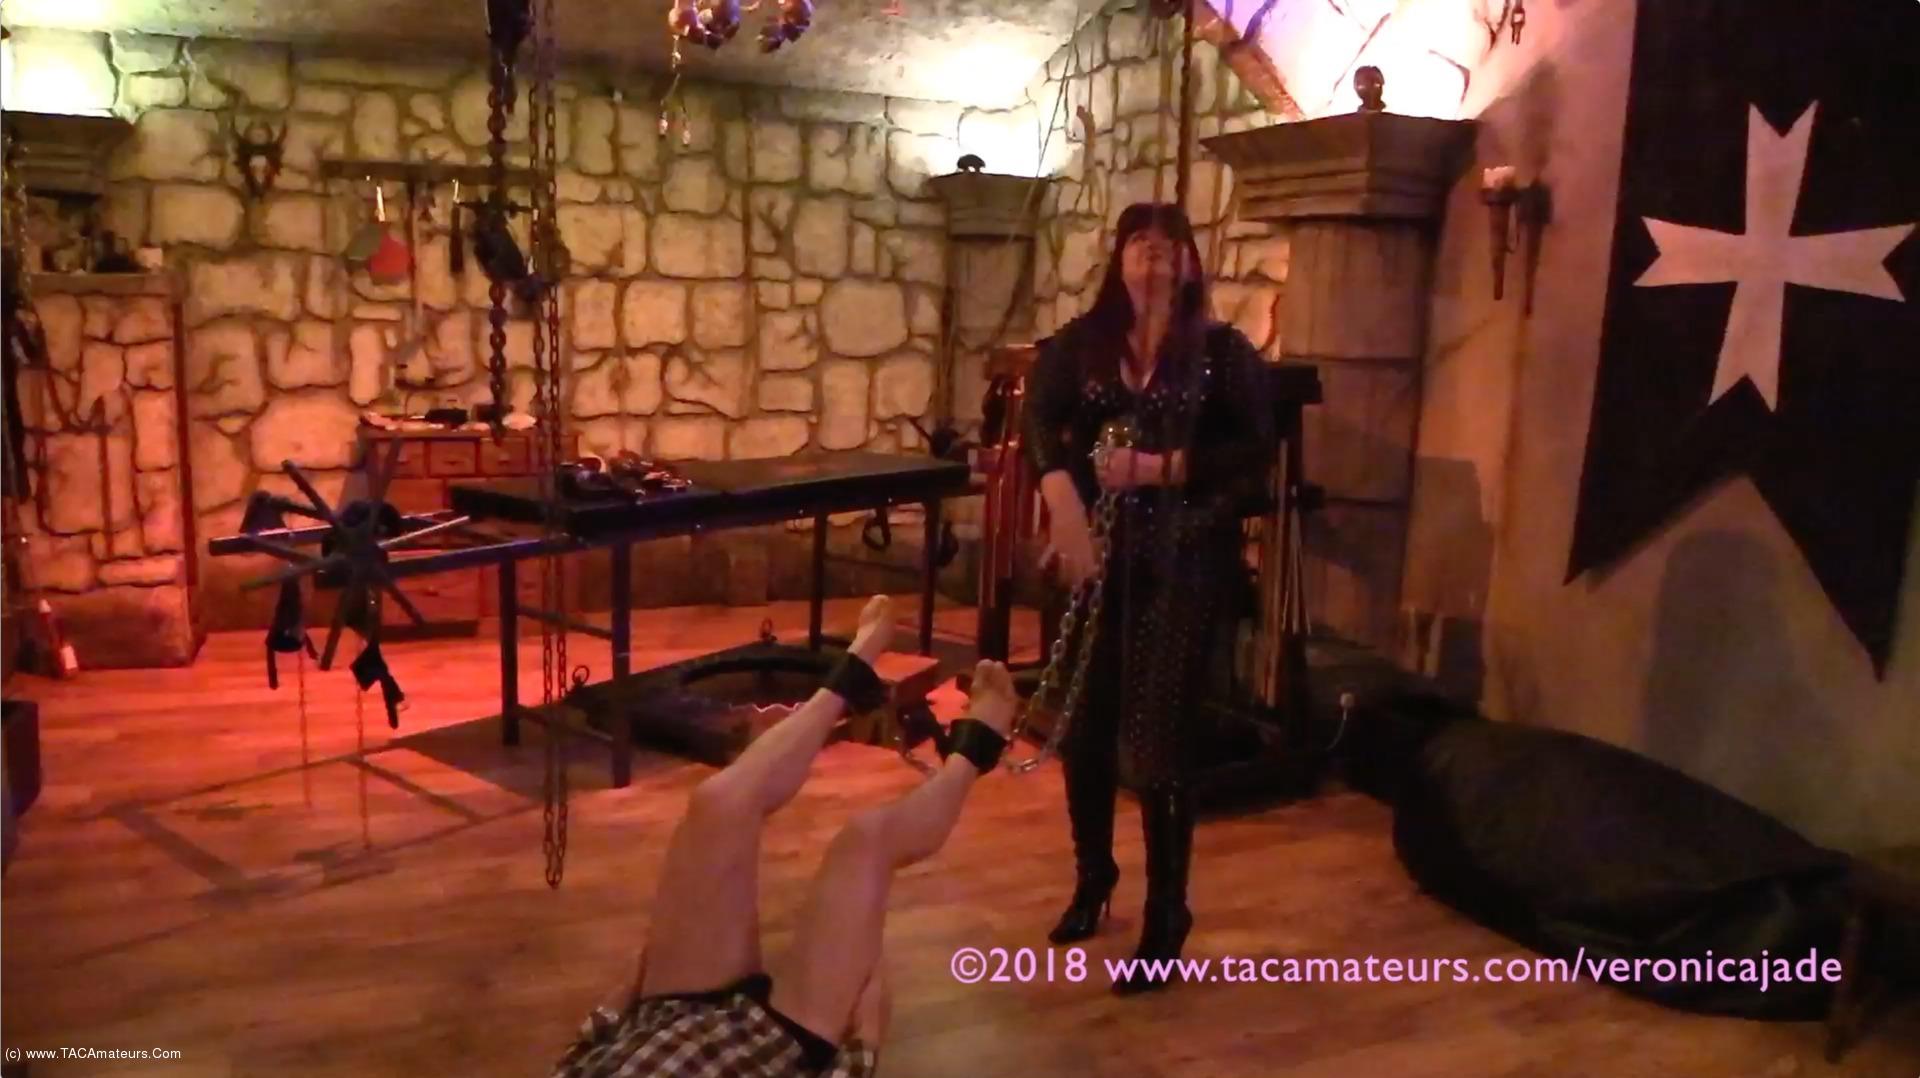 Bdsm Dungeon veronica jade - castle dungeon bdsm pt2 video